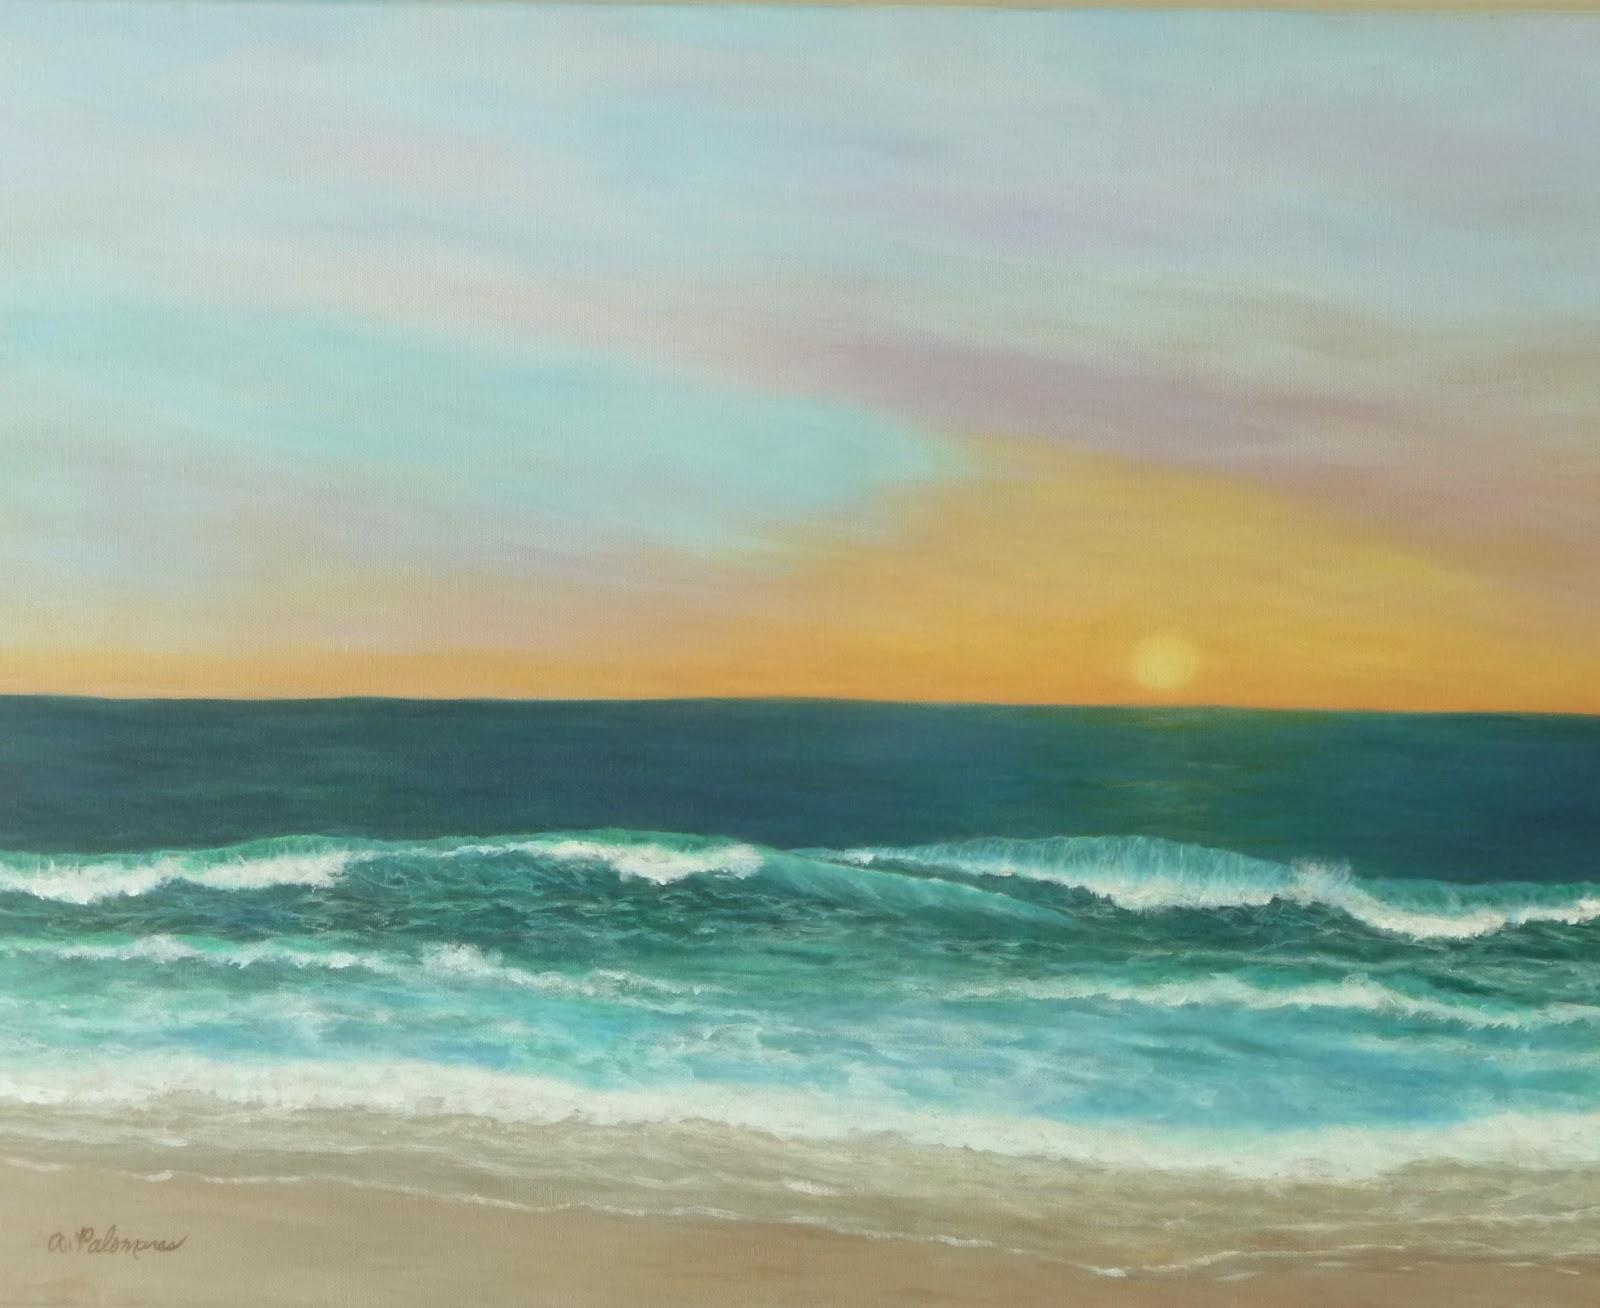 ocean painting